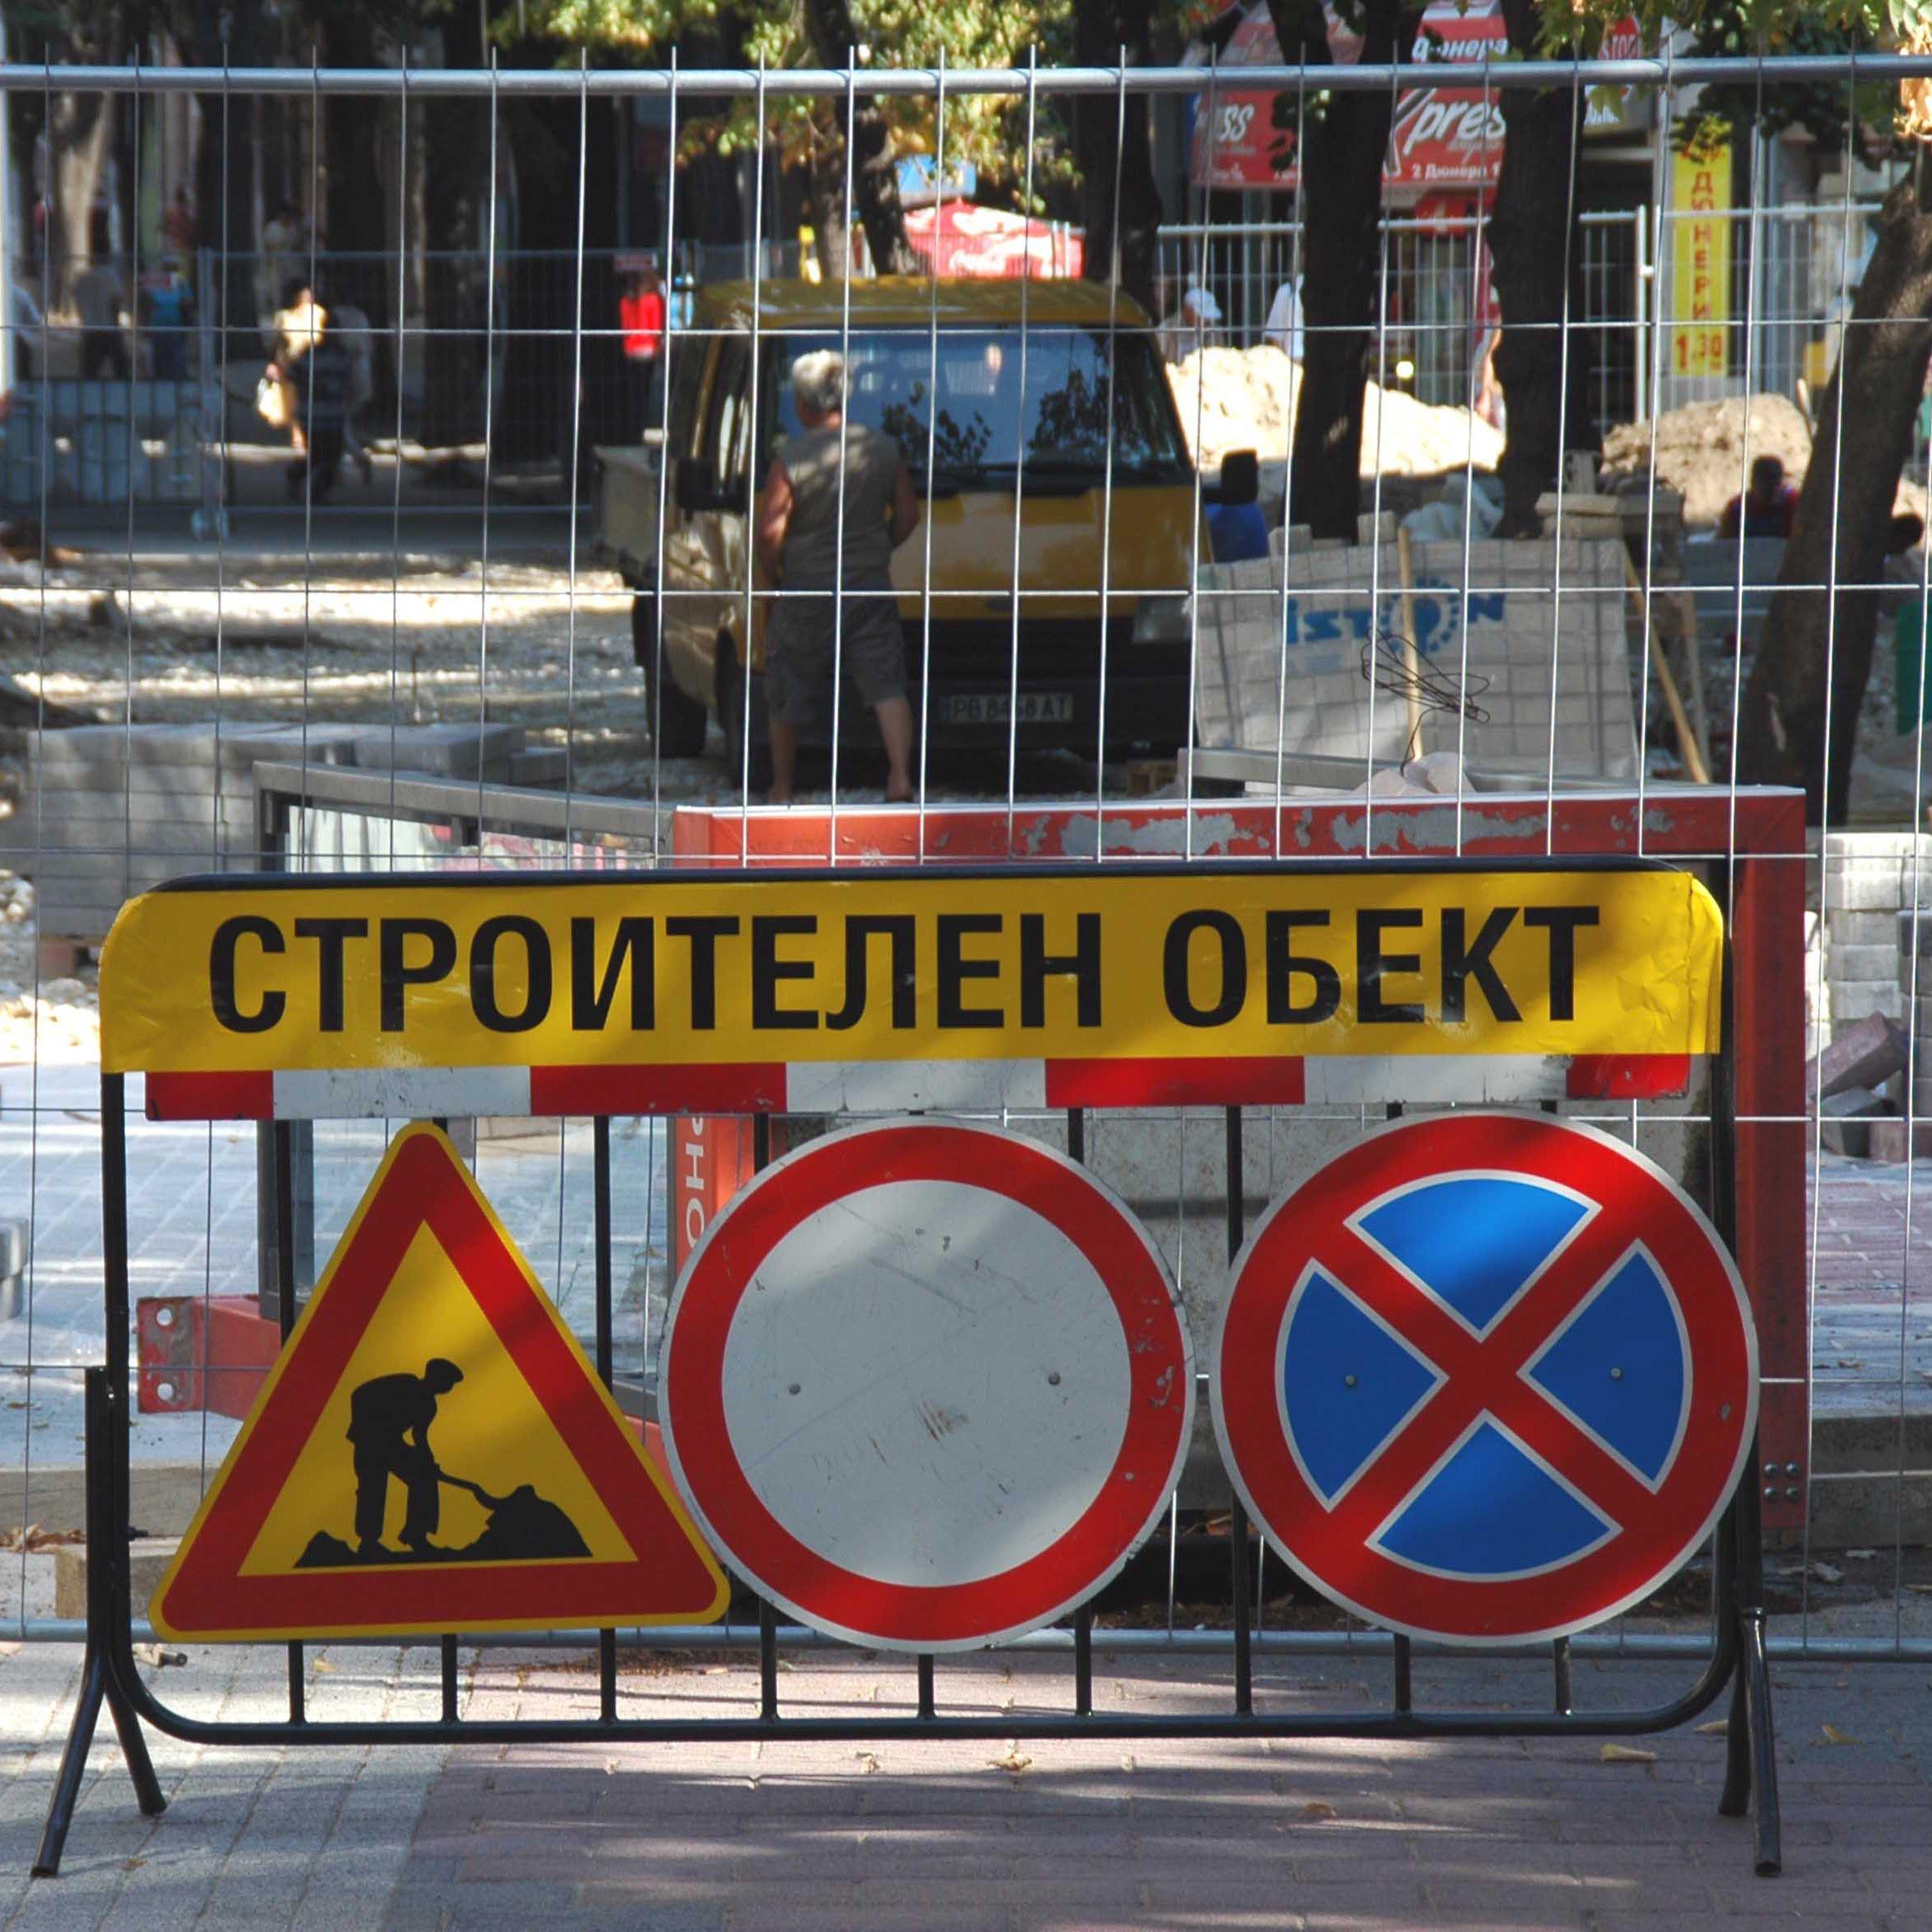 Отново затворени улици във Варна заради ремонти